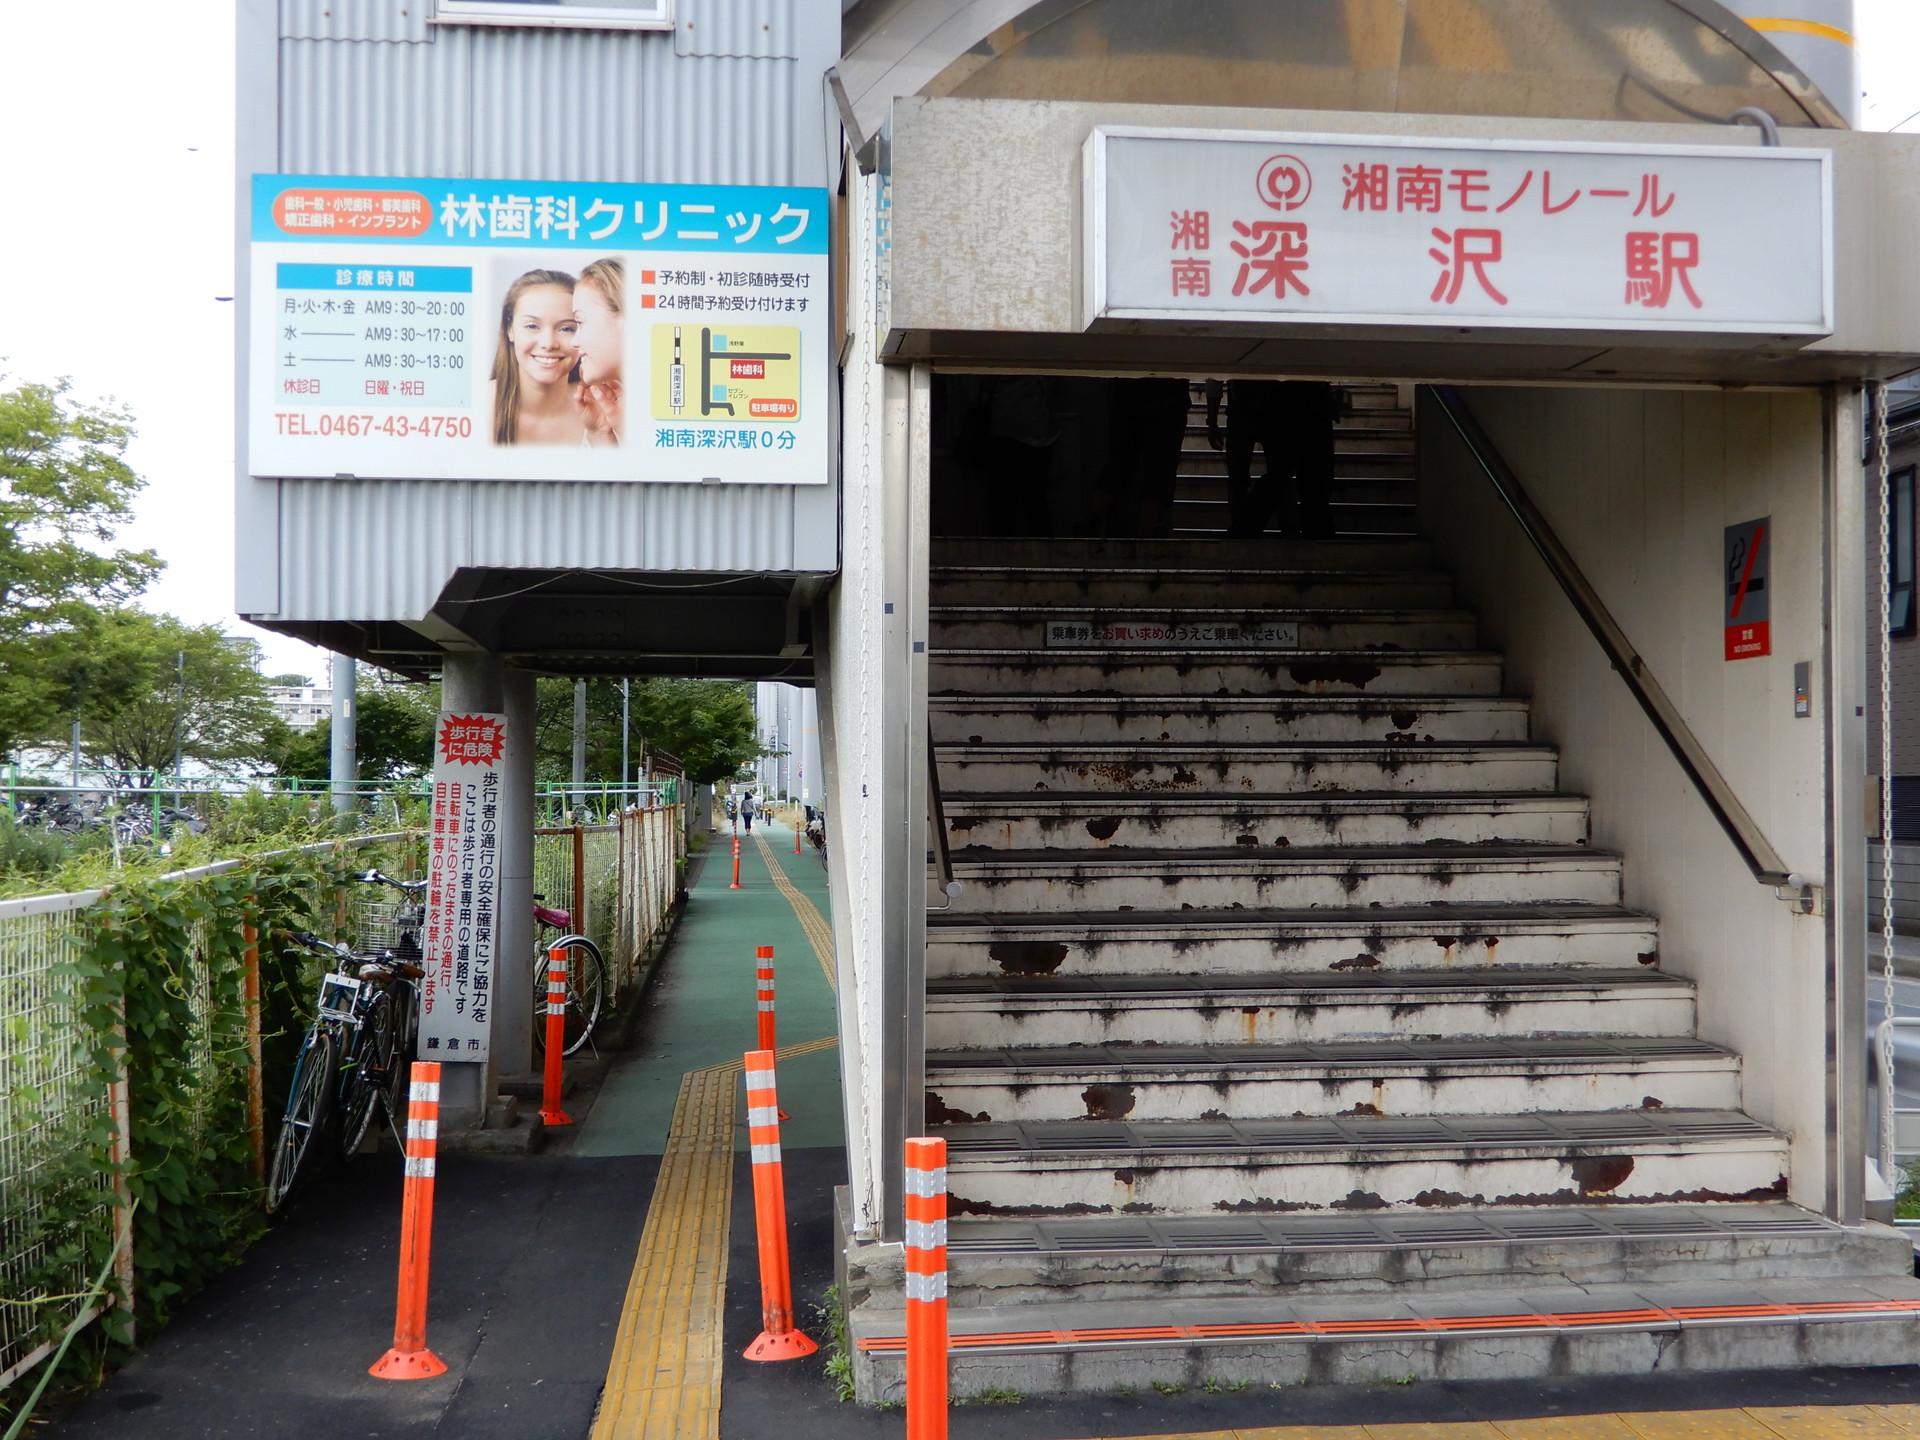 湘南深沢駅の駅看板